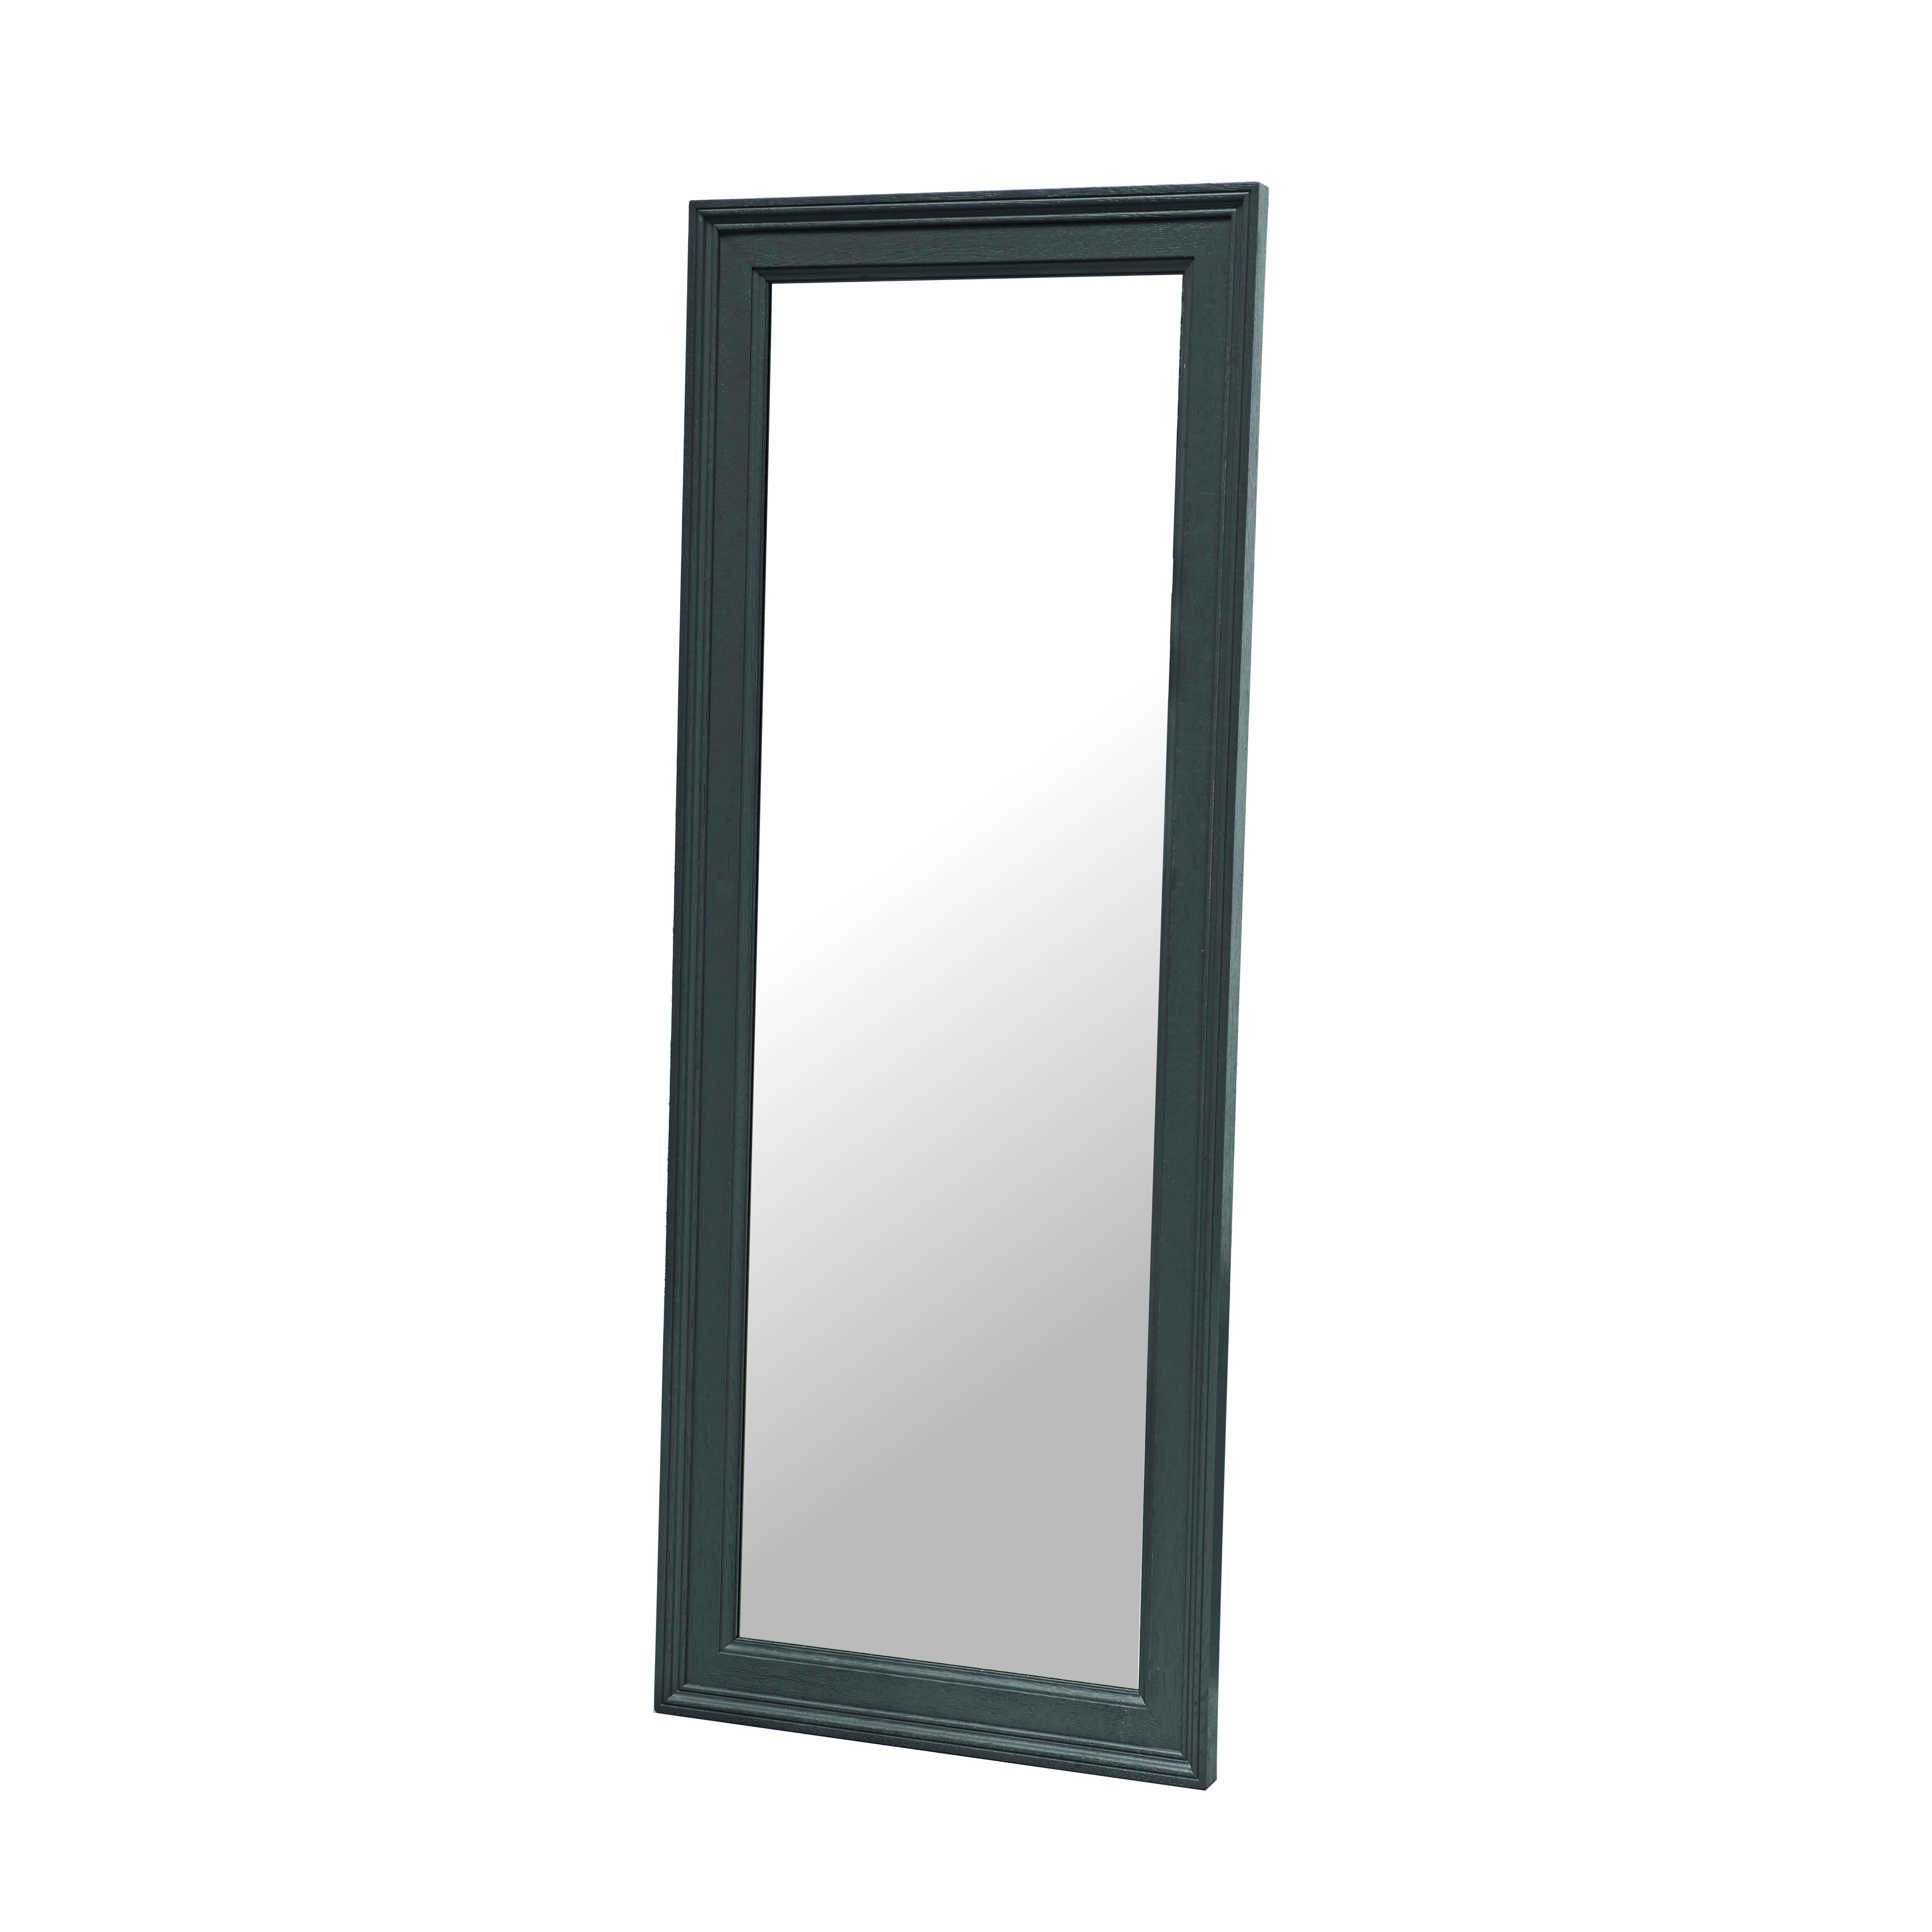 Vendita Specchi | Specchi Bagno On Line Home Design Ideas Home ...